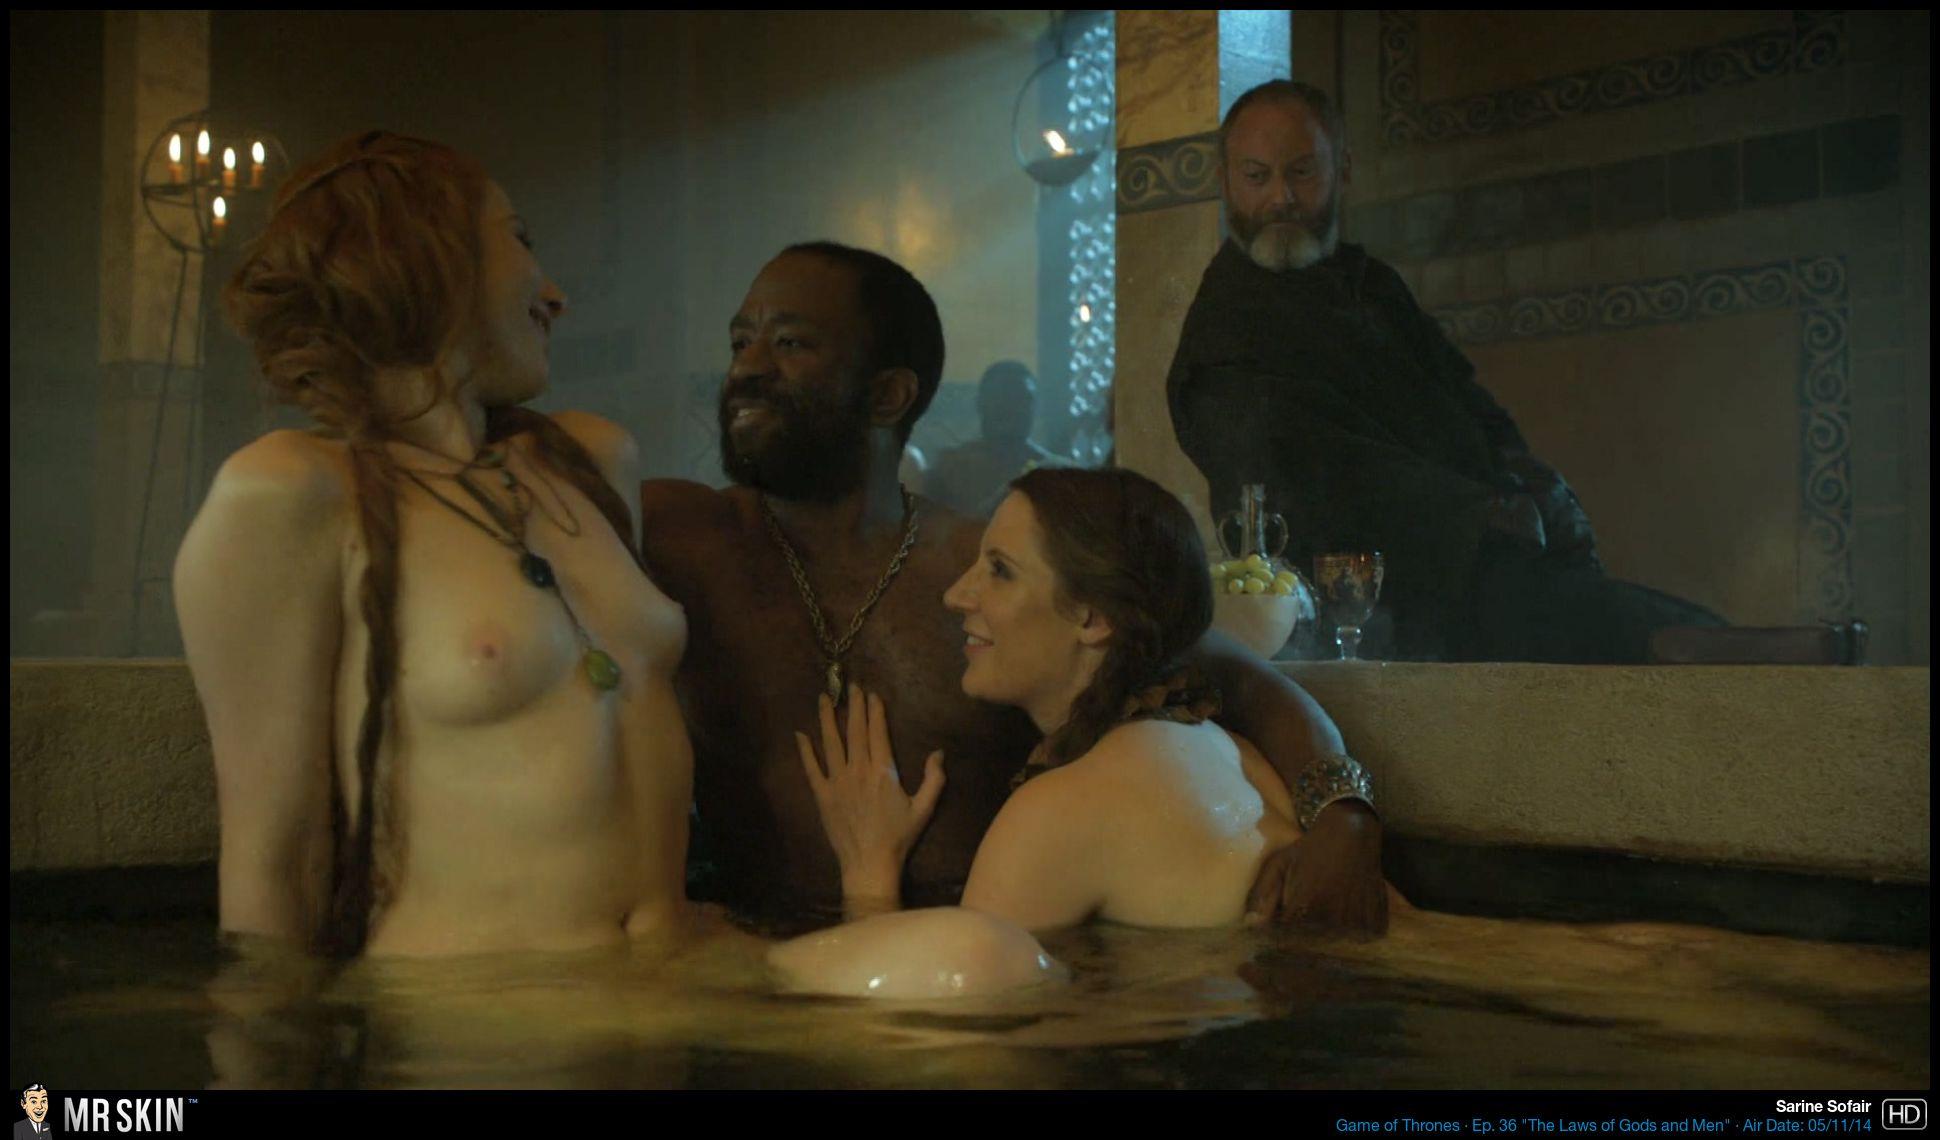 roldan prostitutas series de prostitutas